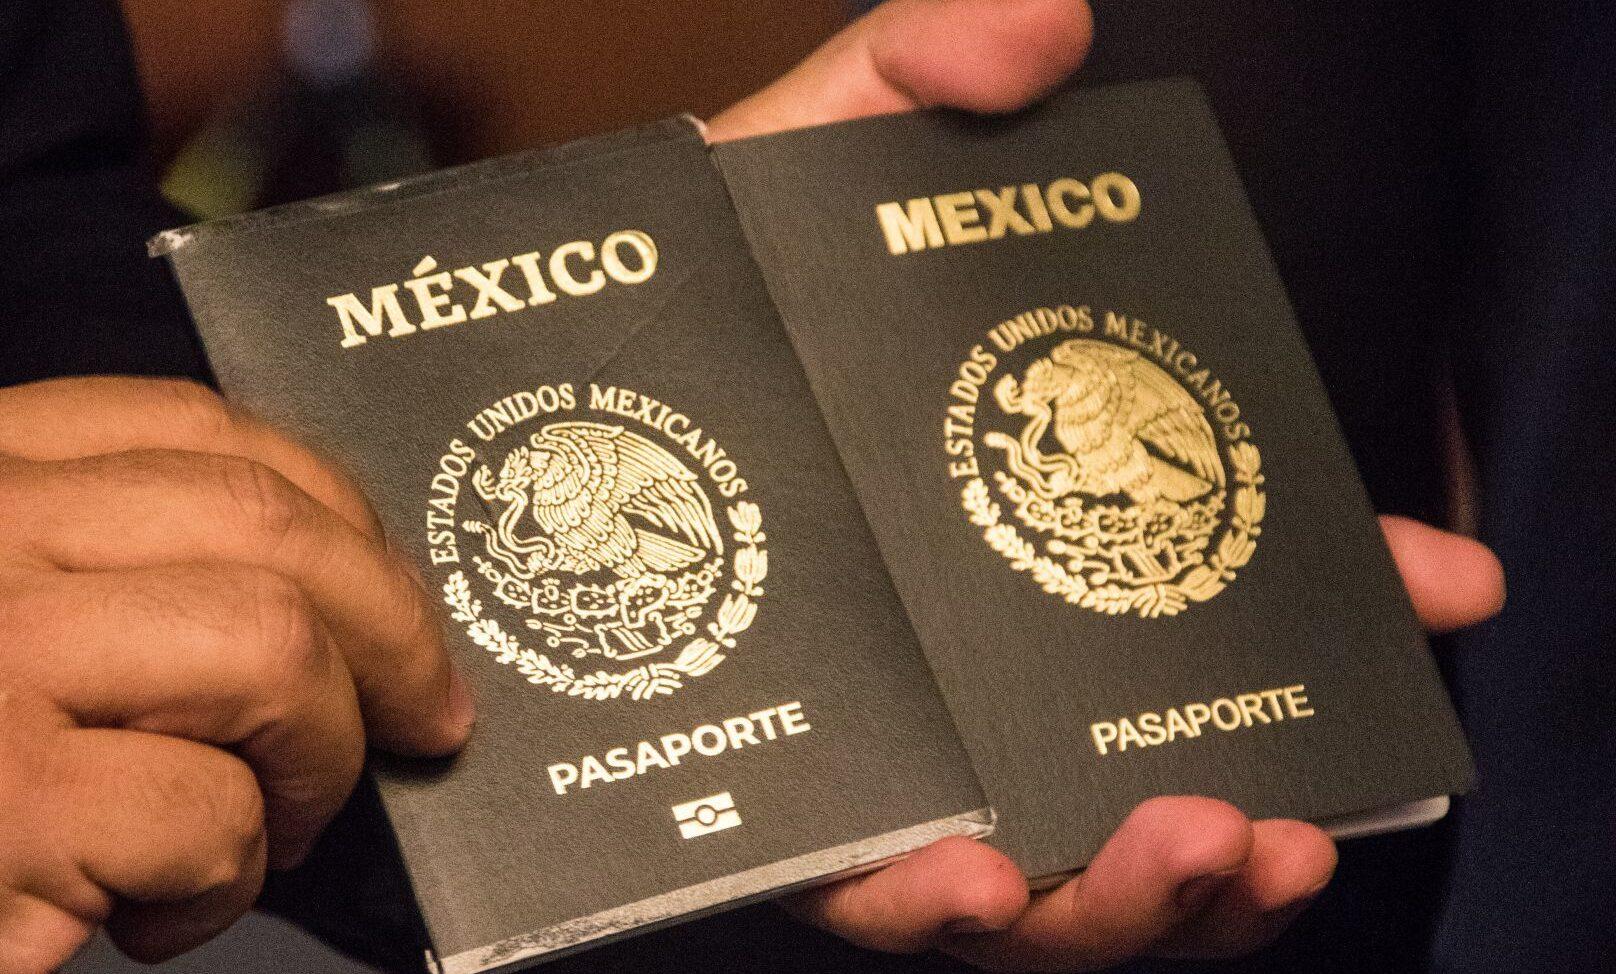 Pasaporte mexicano diplomático color negro personas que lo pueden tener